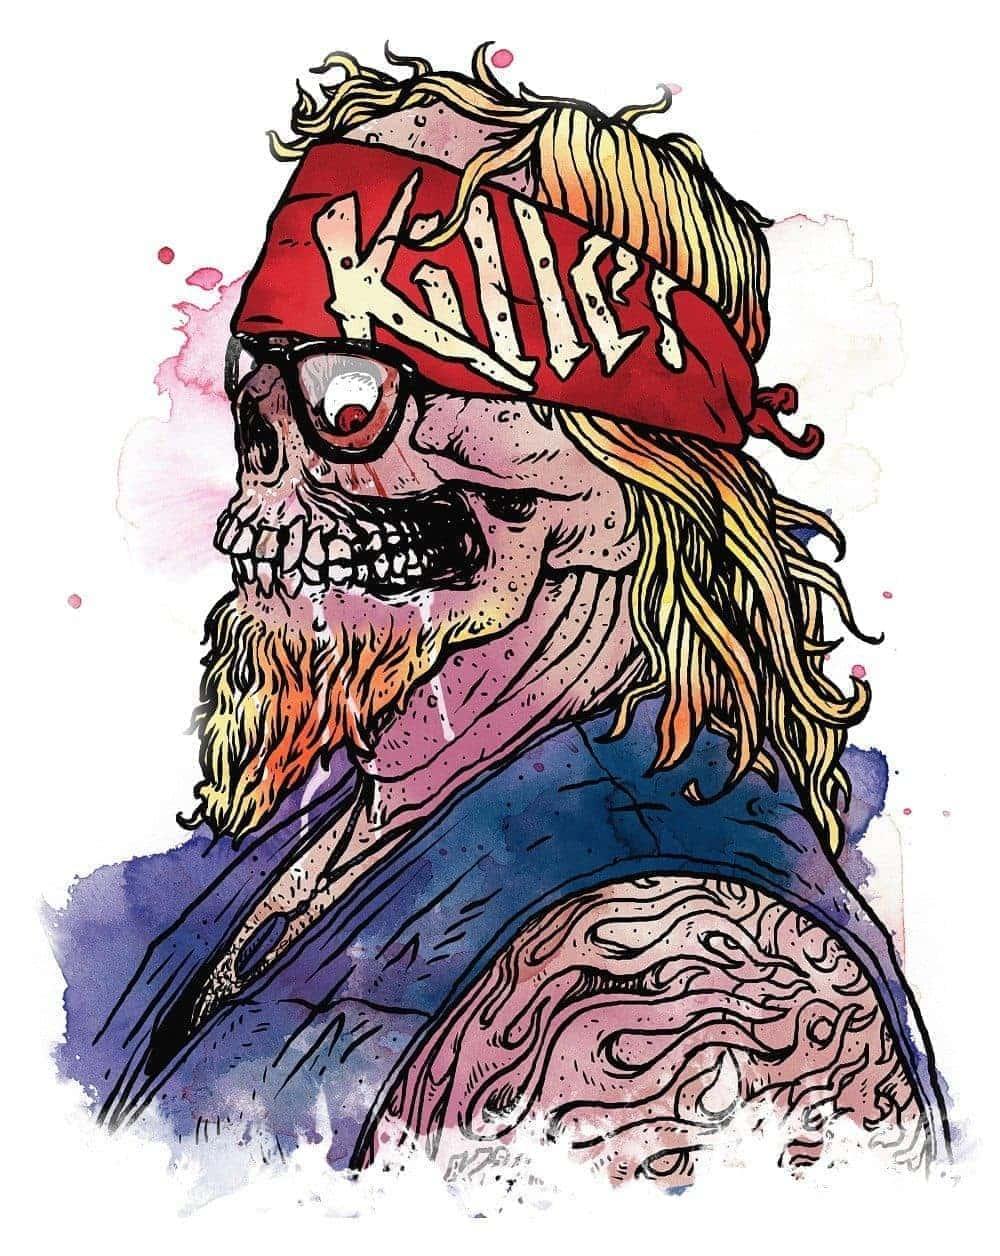 Killer Clothing Skull Guy Illustration by Jeff Finley